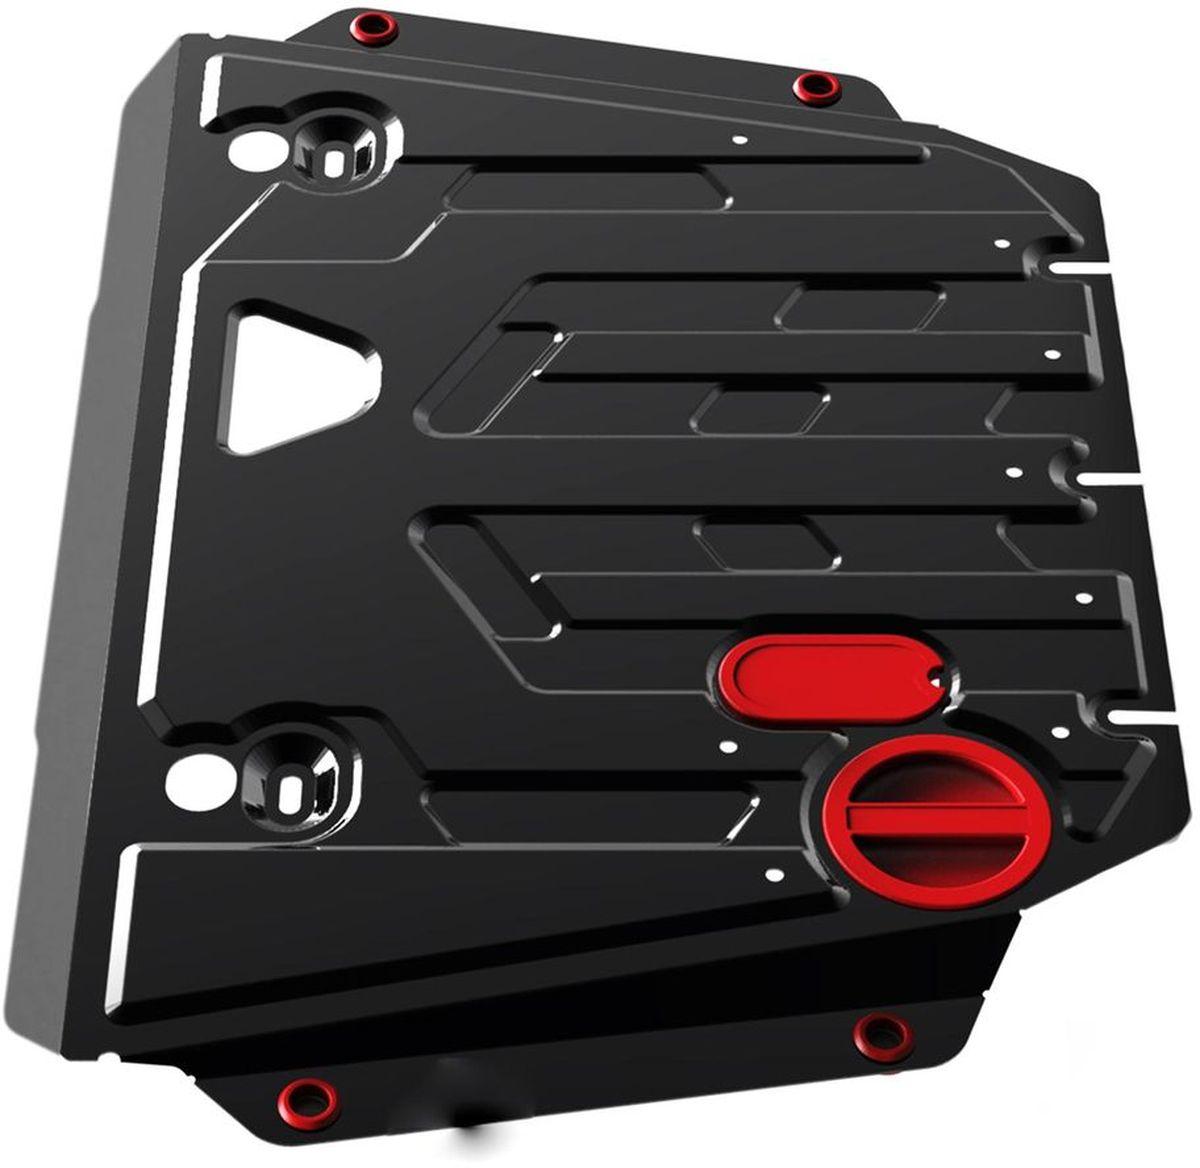 Защита картера и КПП Автоброня, для Hyundai Santamo, V - 2,0 (1997-2002)111.02321.1Технологически совершенный продукт за невысокую стоимость. Защита разработана с учетом особенностей днища автомобиля, что позволяет сохранить дорожный просвет с минимальным изменением. Защита устанавливается в штатные места кузова автомобиля. Глубокий штамп обеспечивает до двух раз больше жесткости в сравнении с обычной защитой той же толщины. Проштампованные ребра жесткости препятствуют деформации защиты при ударах. Тепловой зазор и вентиляционные отверстия обеспечивают сохранение температурного режима двигателя в норме. Скрытый крепеж предотвращает срыв крепежных элементов при наезде на препятствие. Шумопоглощающие резиновые элементы обеспечивают комфортную езду без вибраций и скрежета металла, а съемные лючки для слива масла и замены фильтра - экономию средств и время. Конструкция изделия не влияет на пассивную безопасность автомобиля (при ударе защита не воздействует на деформационные зоны кузова). Со штатным крепежом. В комплекте инструкция по установке....